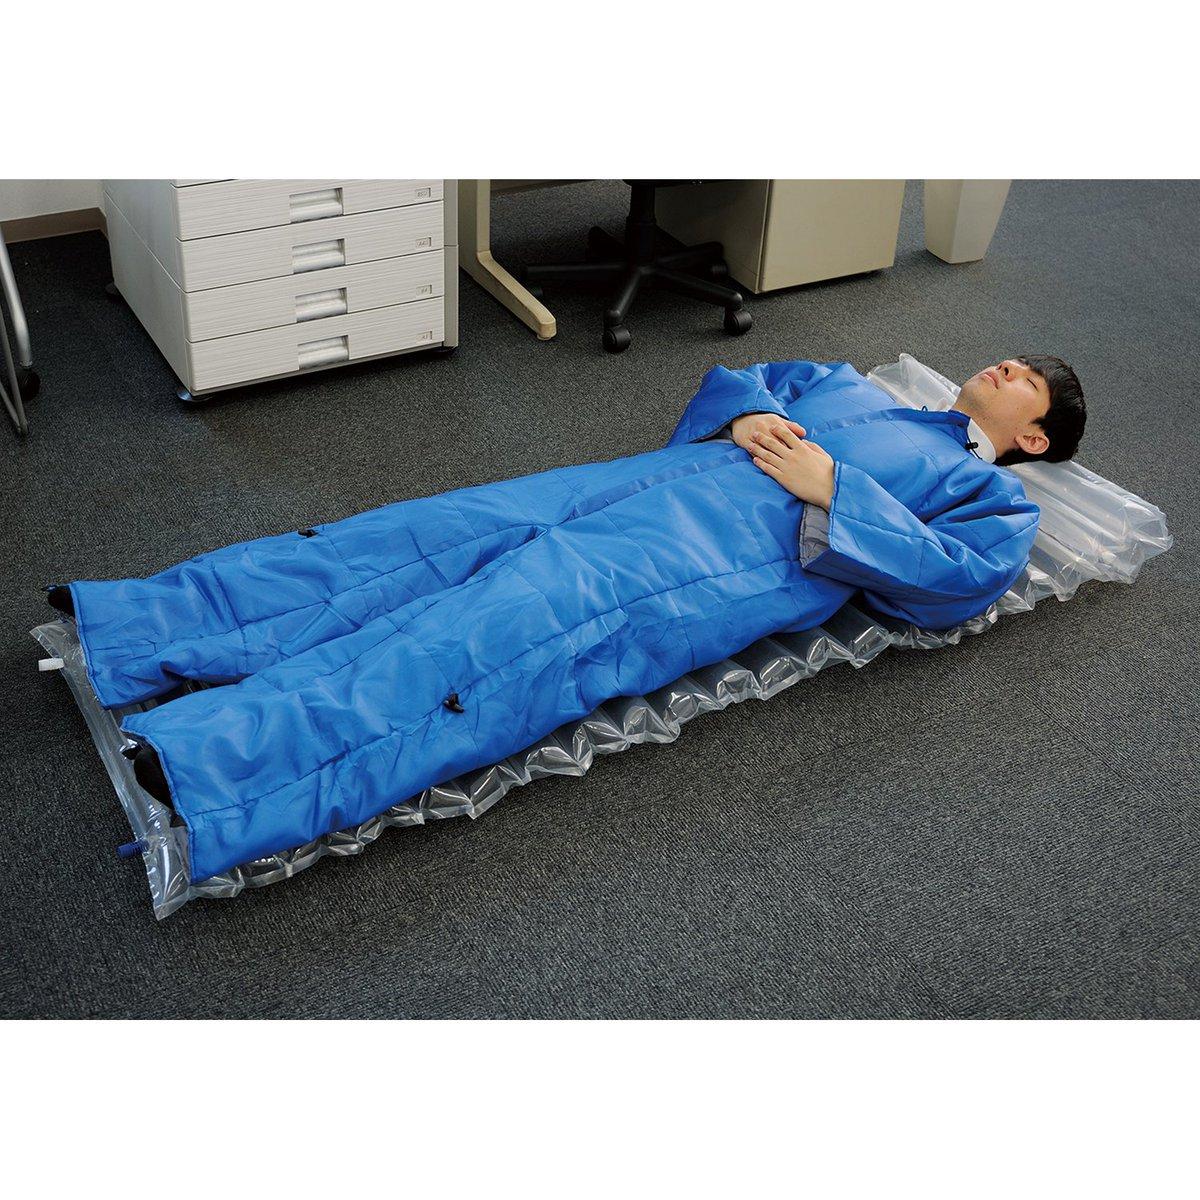 そして、かつ突然ですが、みなさま、こちらご存知でしょうか。オフィスに常備でき、着たまま動くこともできるという、事務用品で著名なキングジムさん @kingjim の機能的な寝袋、いわゆるオフトゥンです。 #銀英伝ニッセンコラボ